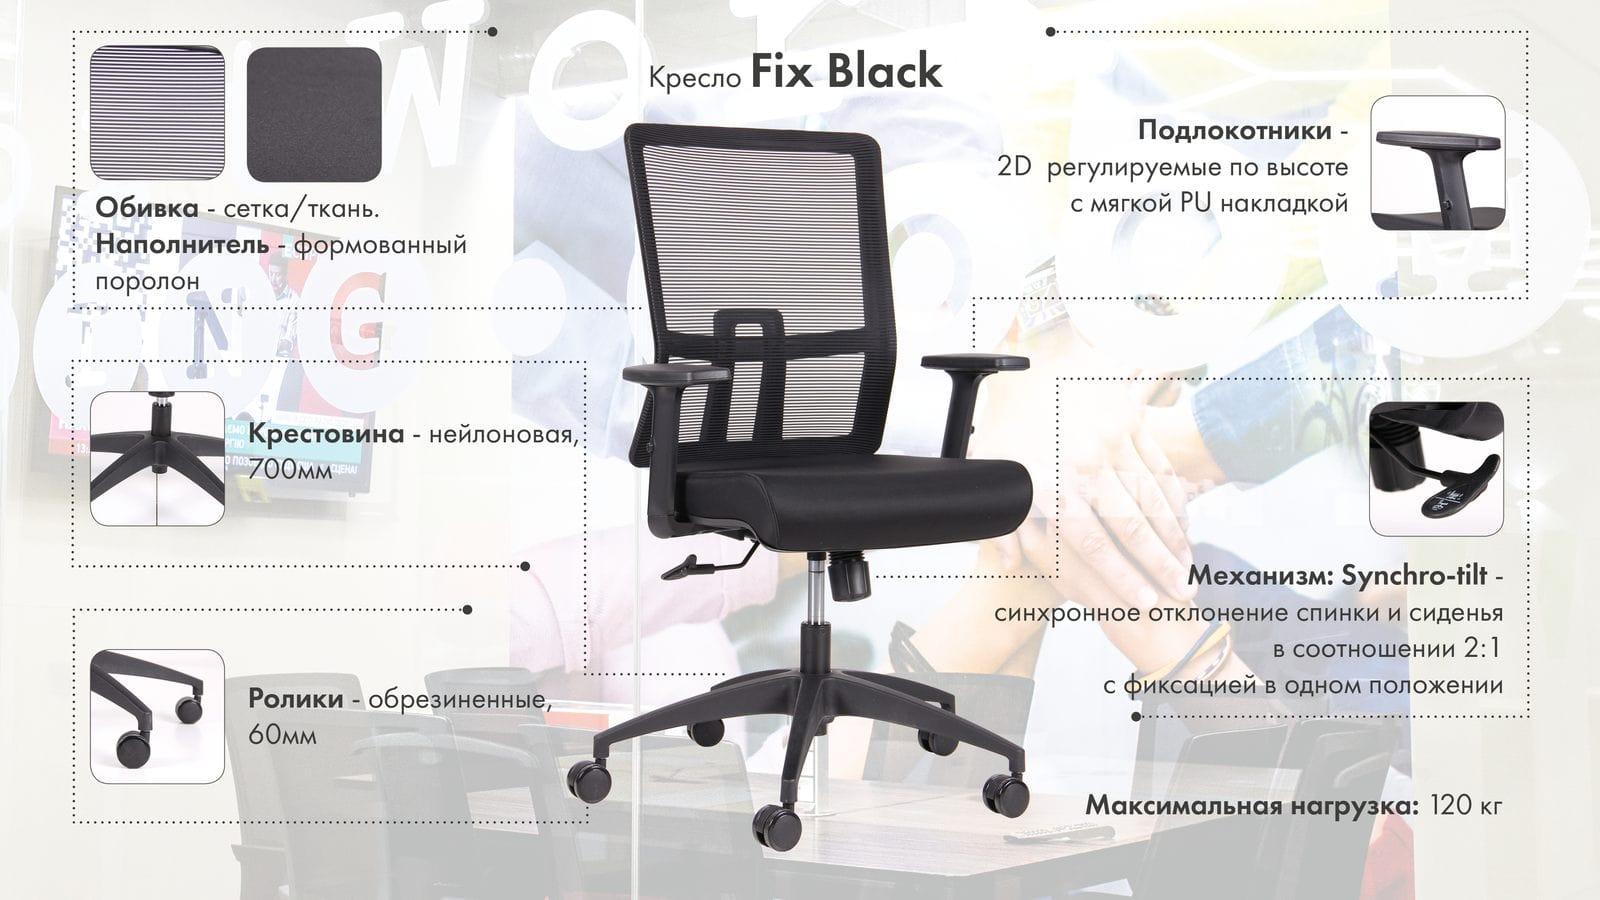 Кресло Fix Описание